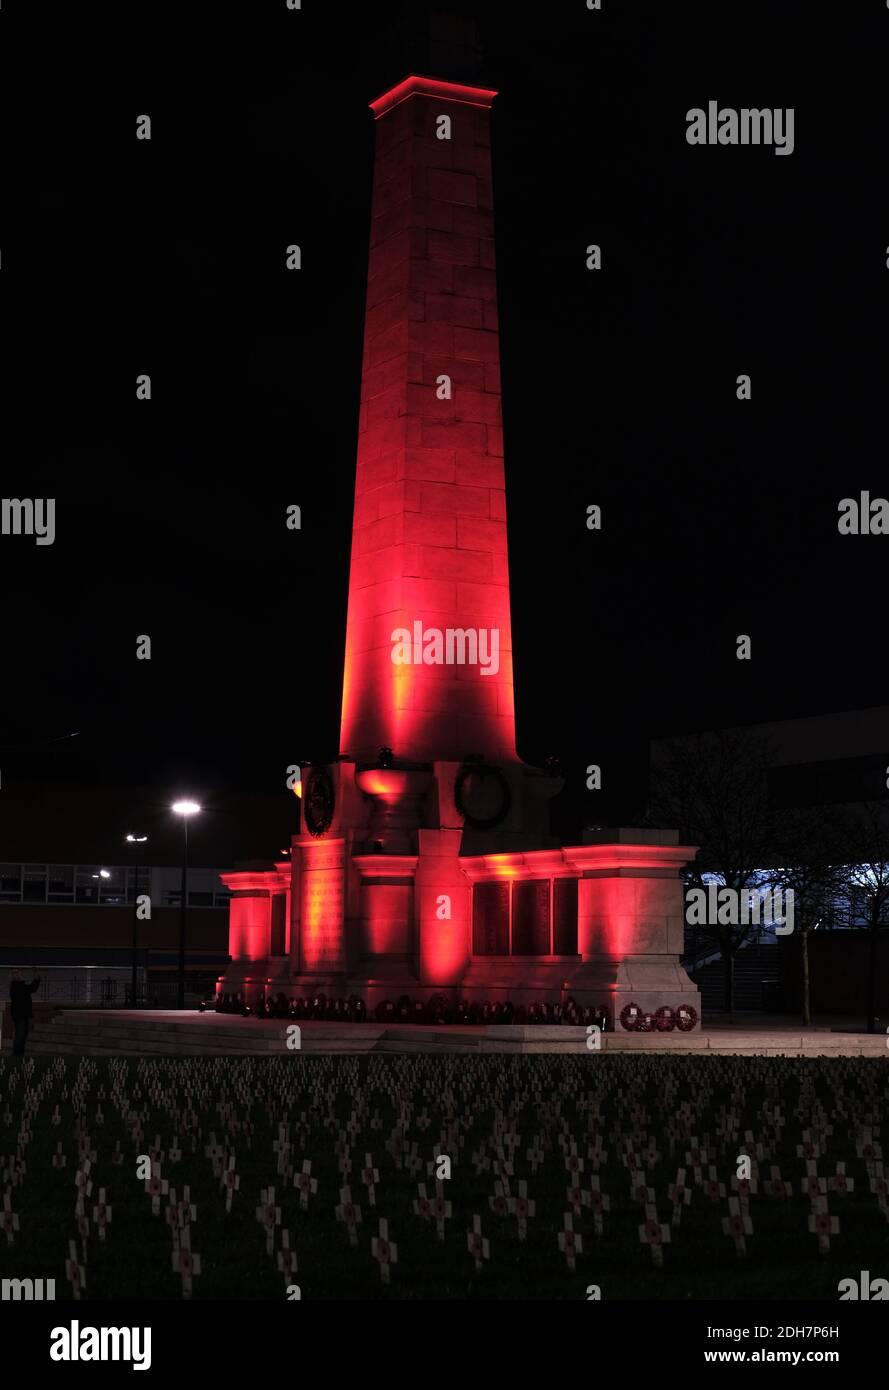 Les monuments de l'autre côté de Teesside sont devenus rouges pour marquer le jour du souvenir.Hartlepool Cenotaph Banque D'Images